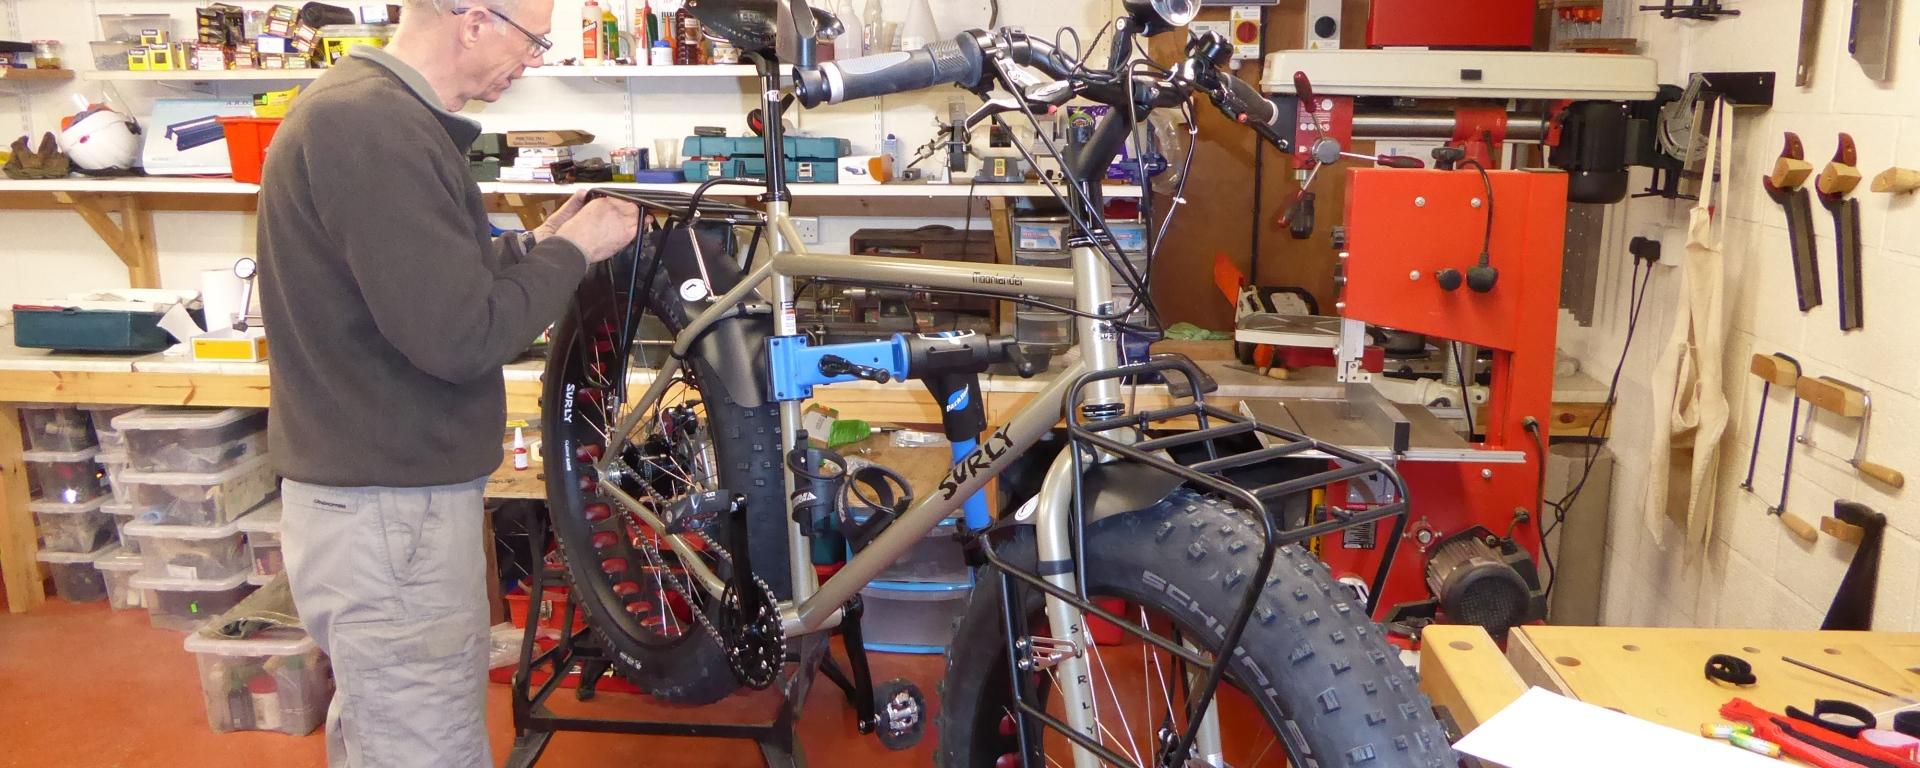 Building Surly Moonlander Fat Bikes, including Wheel